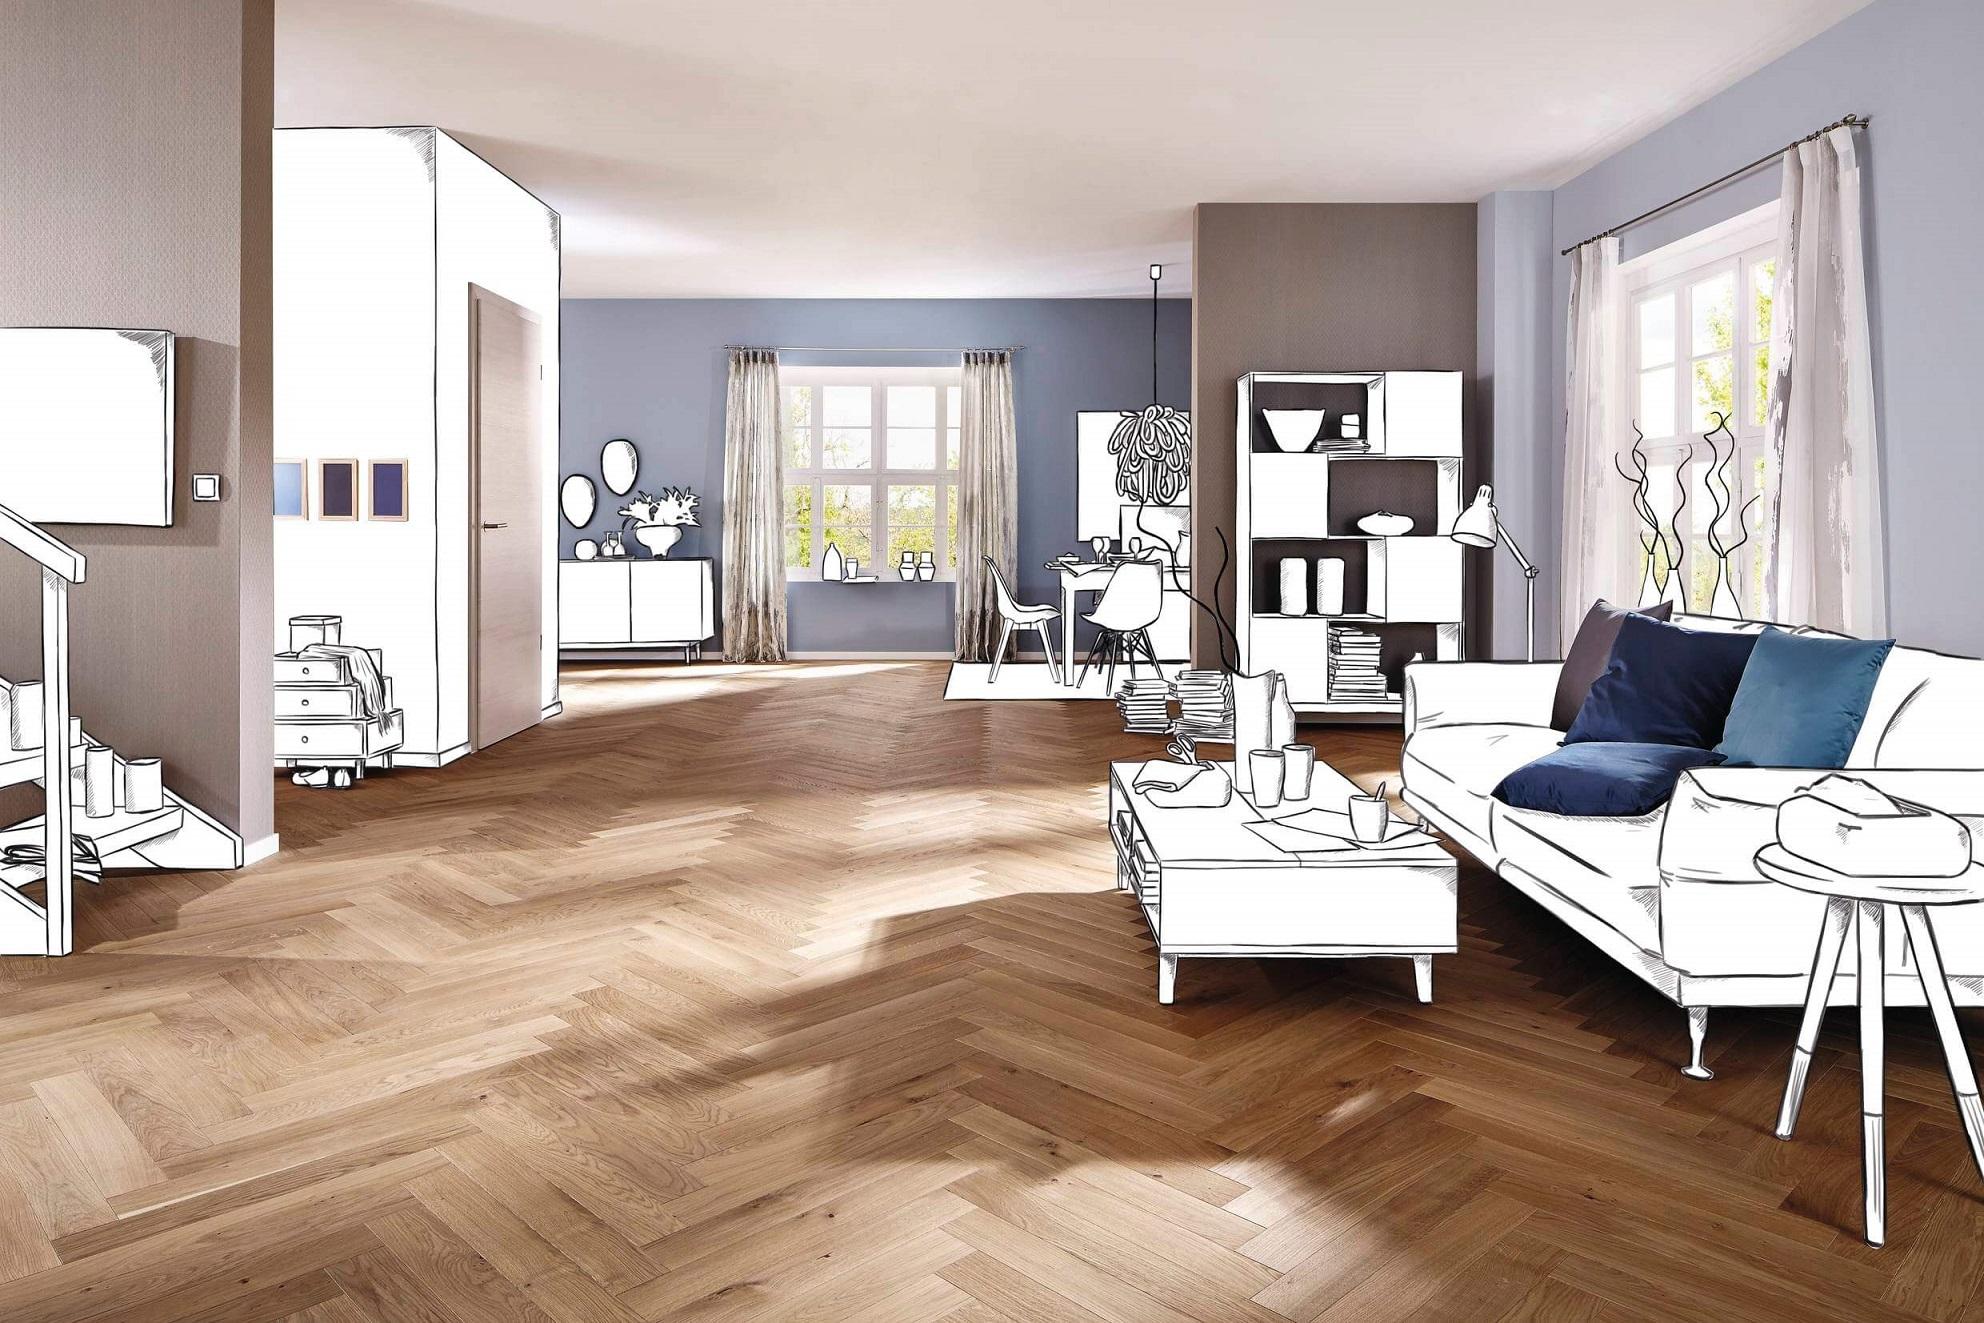 einbauschrank t ren und parkett vom schreiner f r w rth und m nchen schreiner bau. Black Bedroom Furniture Sets. Home Design Ideas